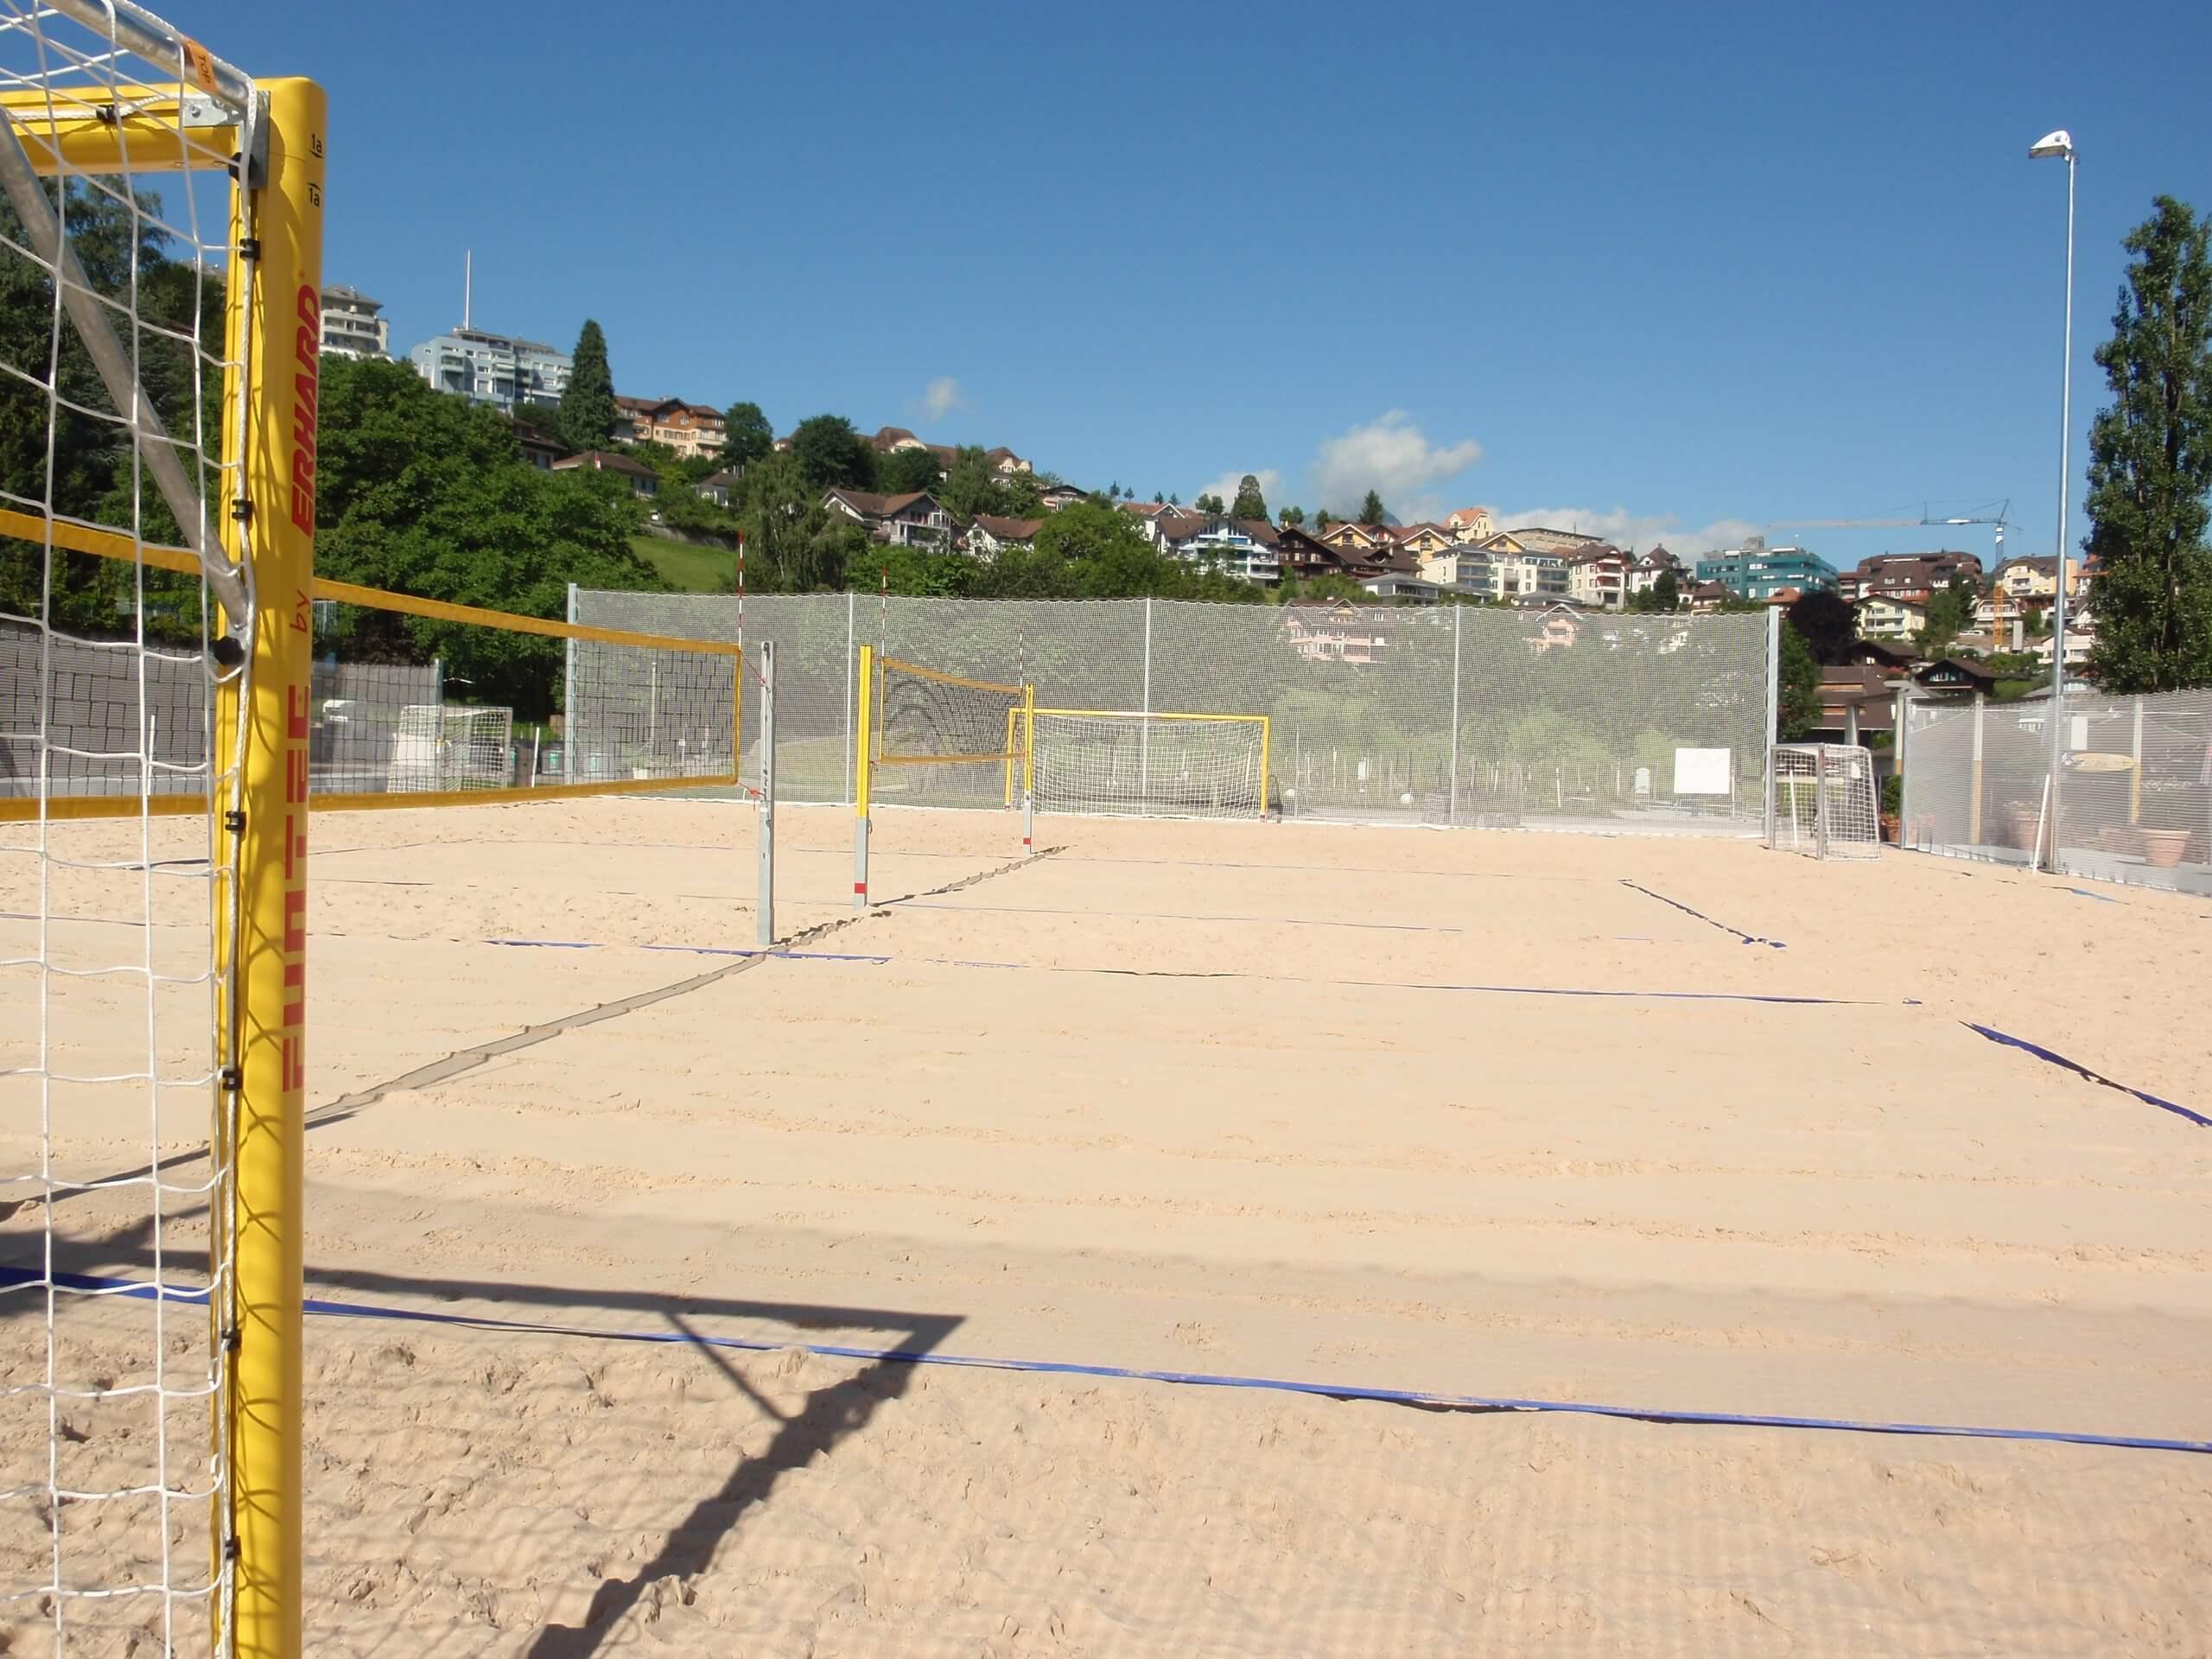 spiez-beach-arena-sand-spiel-sommer-team